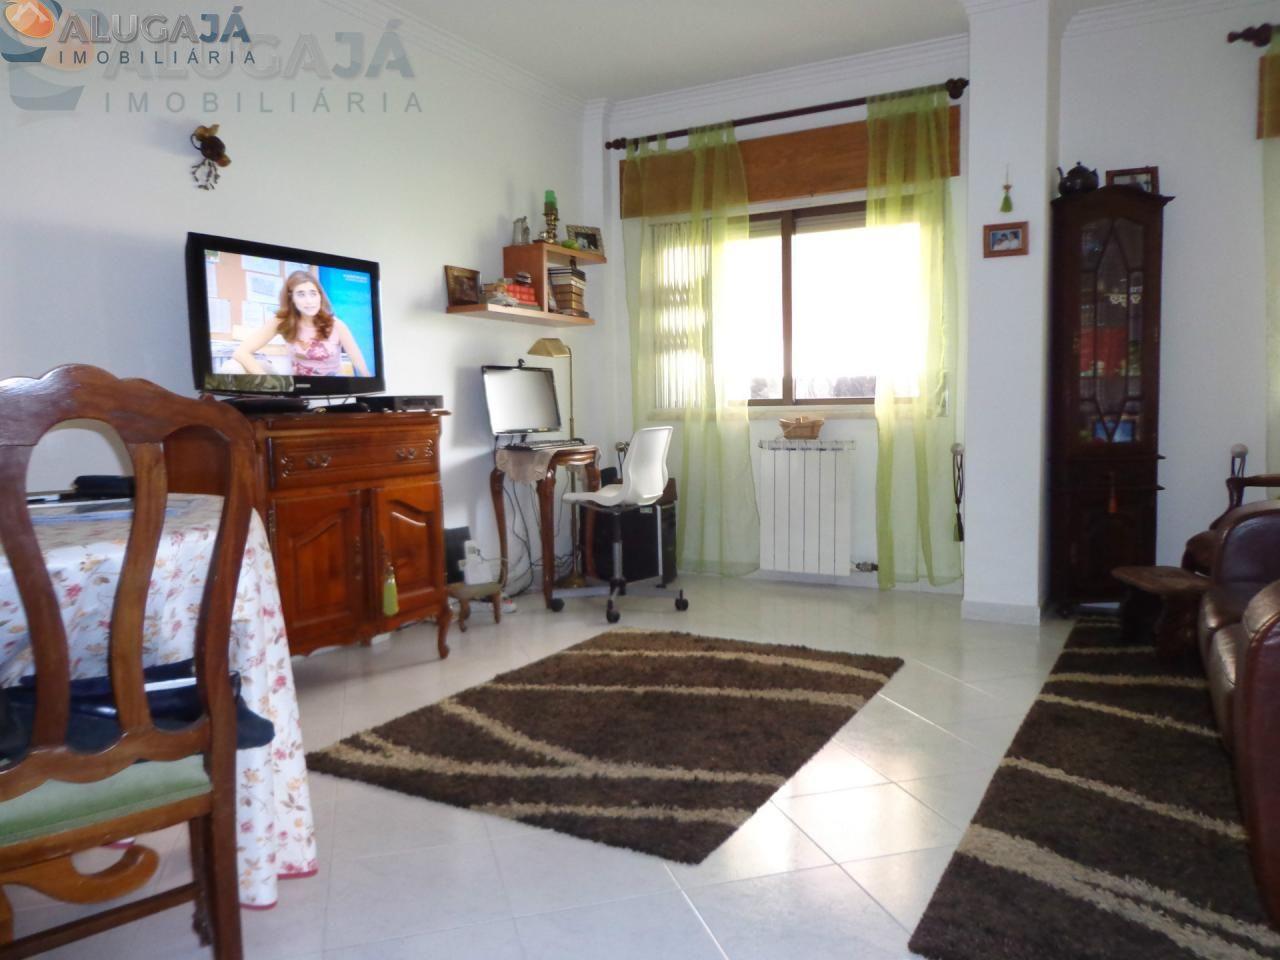 São Marcos - Apartamento T2 no início da urbanização com arrecadação.